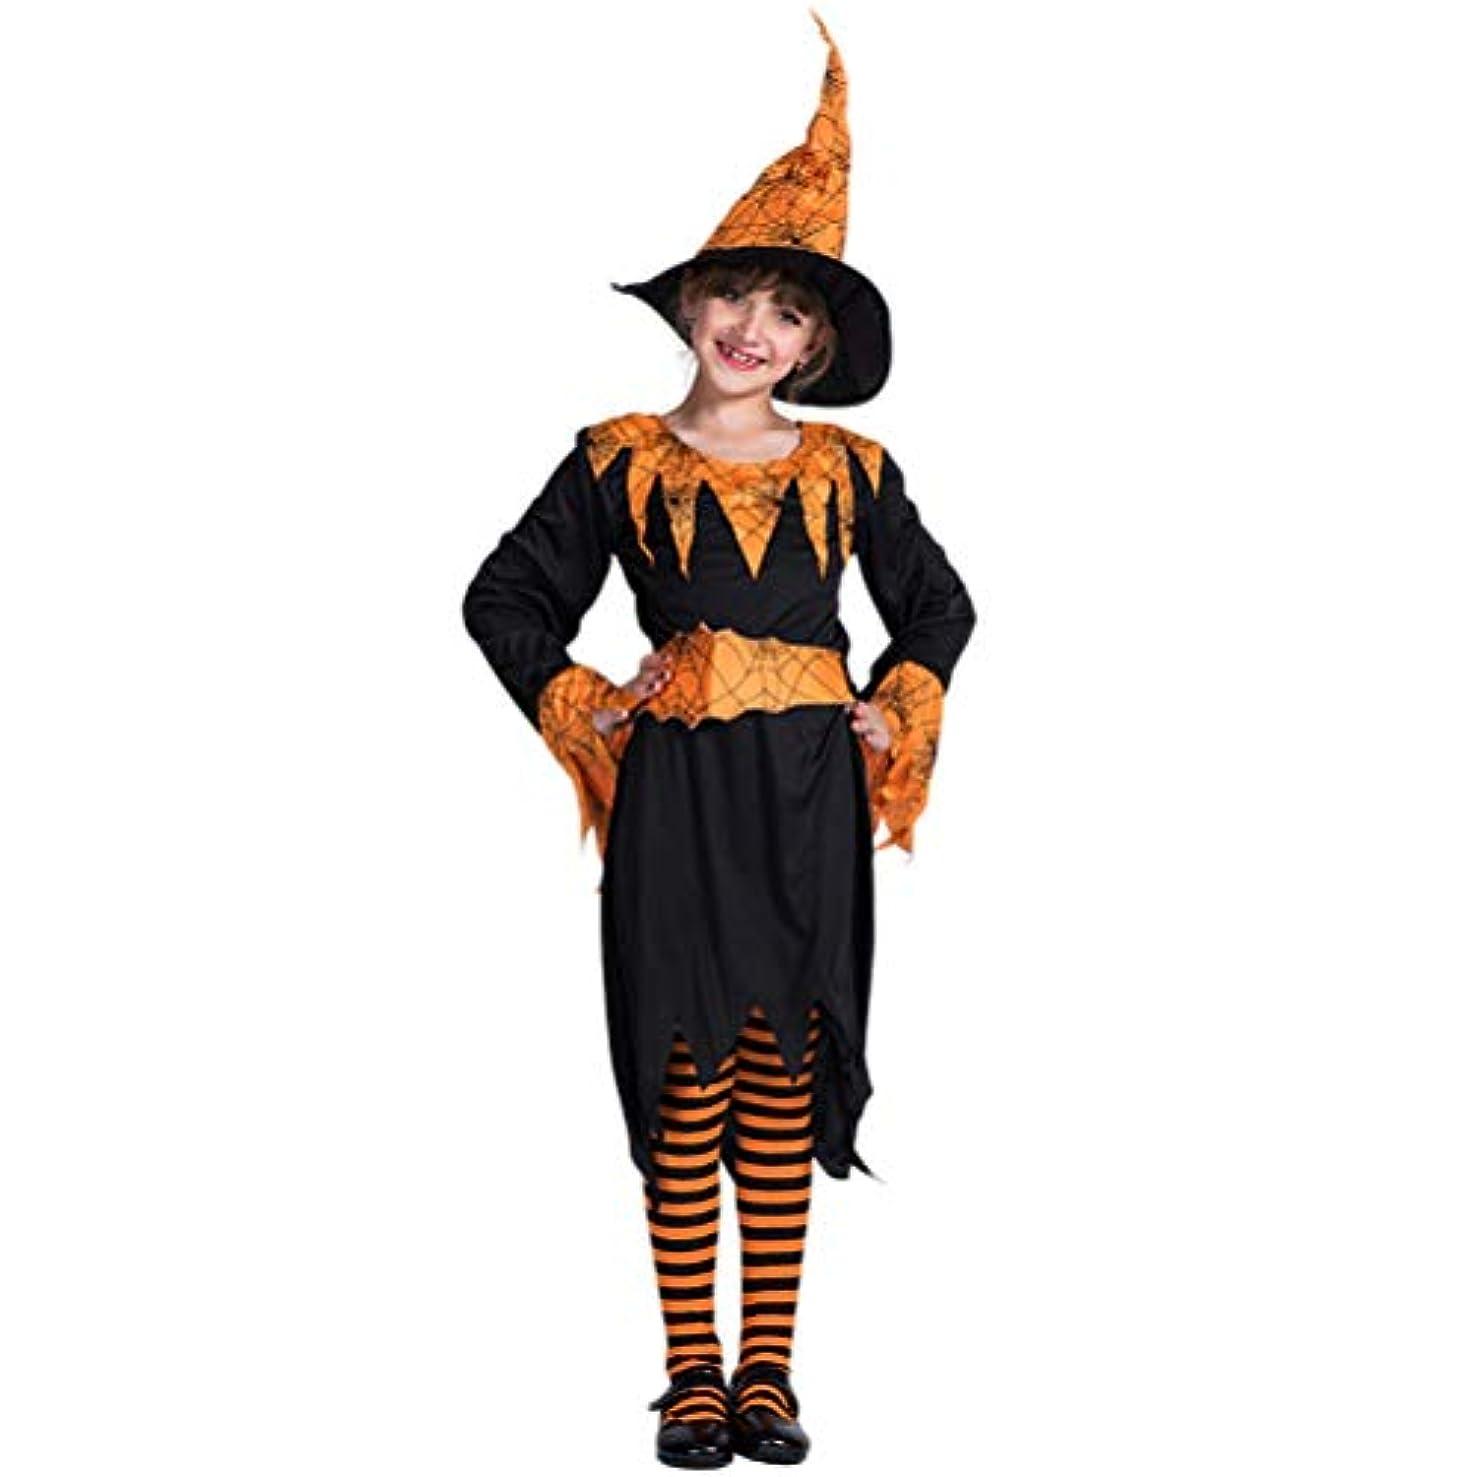 ジャニス守る寸法BESTOYARD ハロウィンパーティーカボチャスパイダーウィッチコスプレスーツ子供ステージパフォーマンスコスチュームセットホリデーコスプレ(帽子、ドレス、ベルト、L)